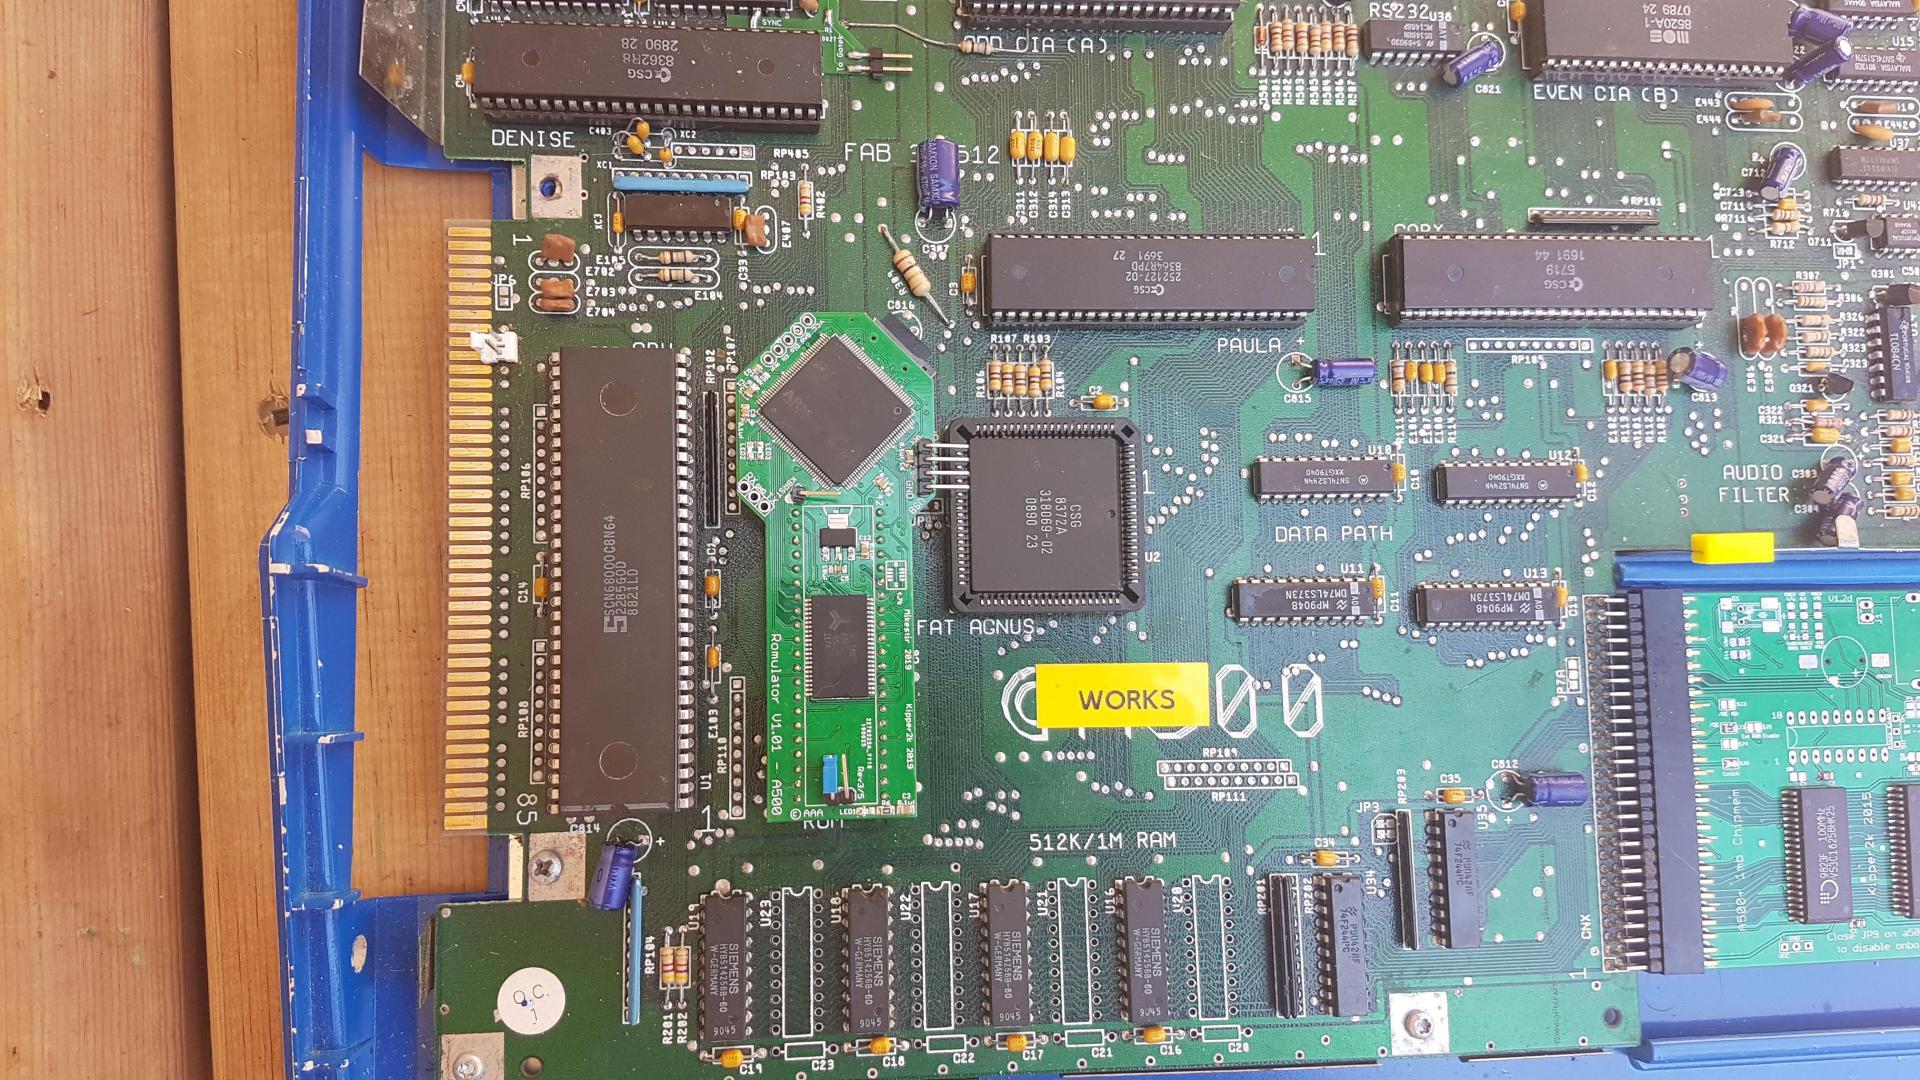 Klikněte na obrázek pro zobrazení větší verze  Název: romulatortop.jpg Zobrazeno: 54 Velikost: 445,7 KB ID: 9610